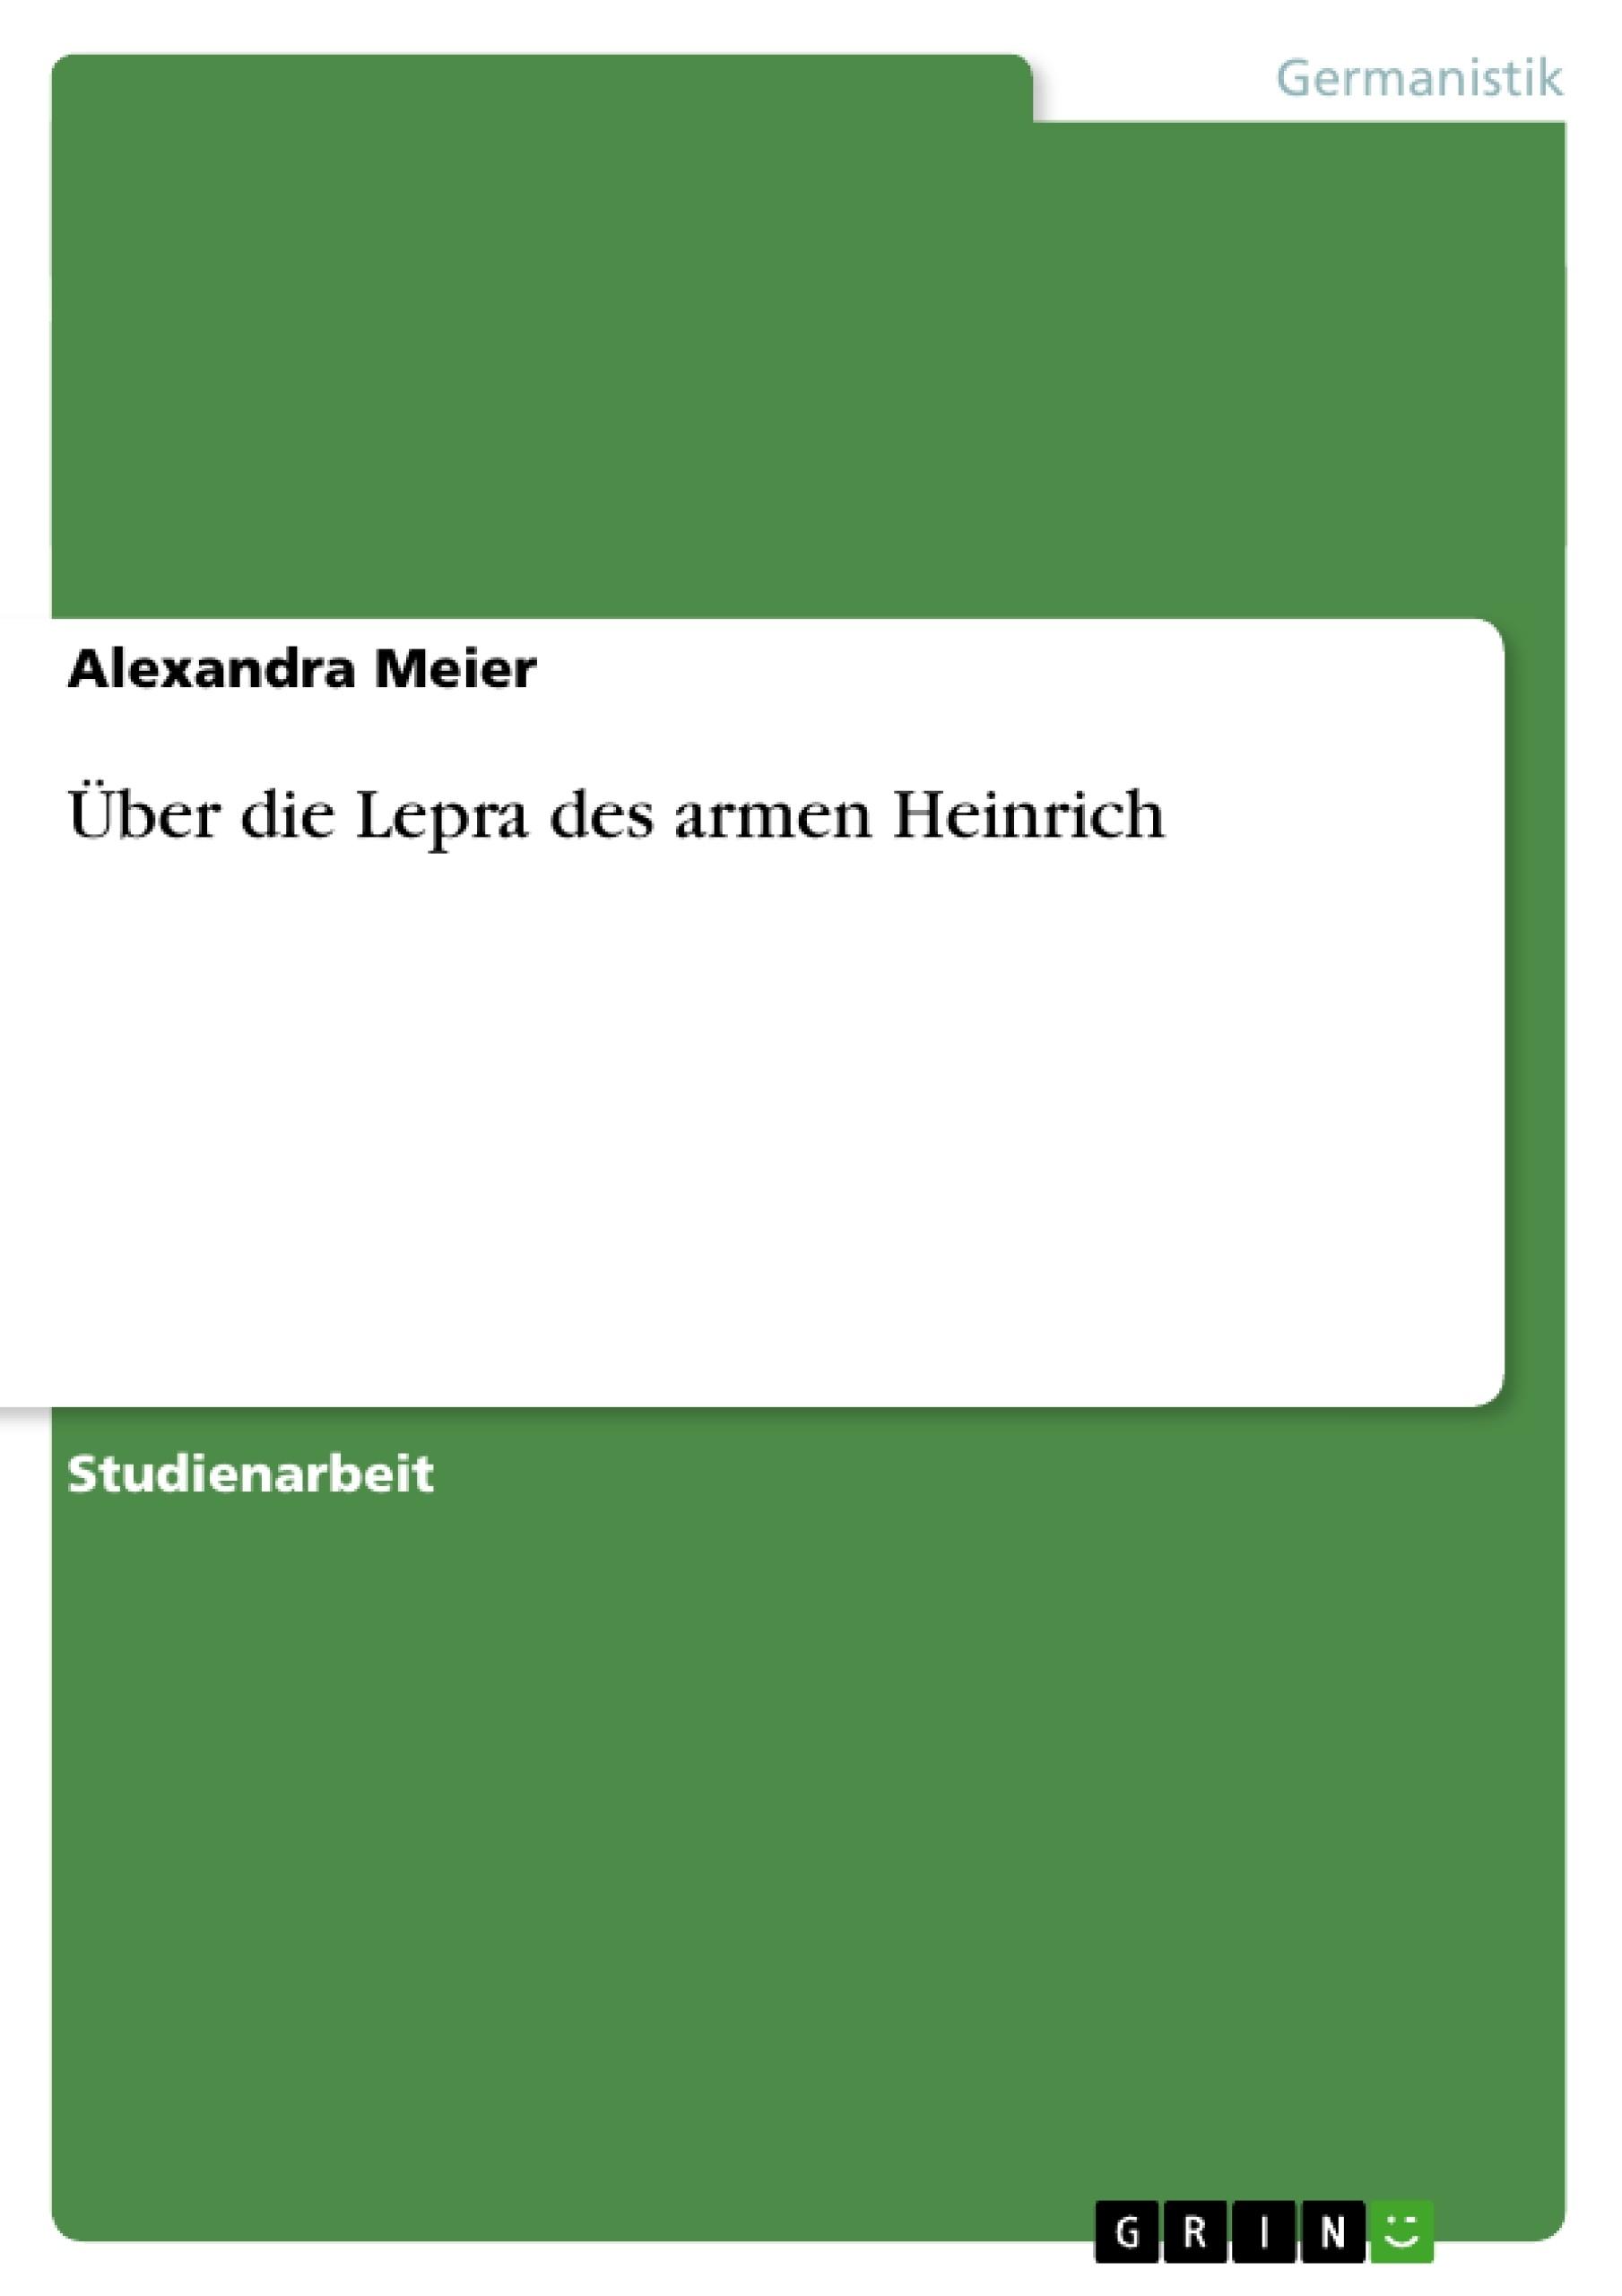 Titel: Über die Lepra des armen Heinrich